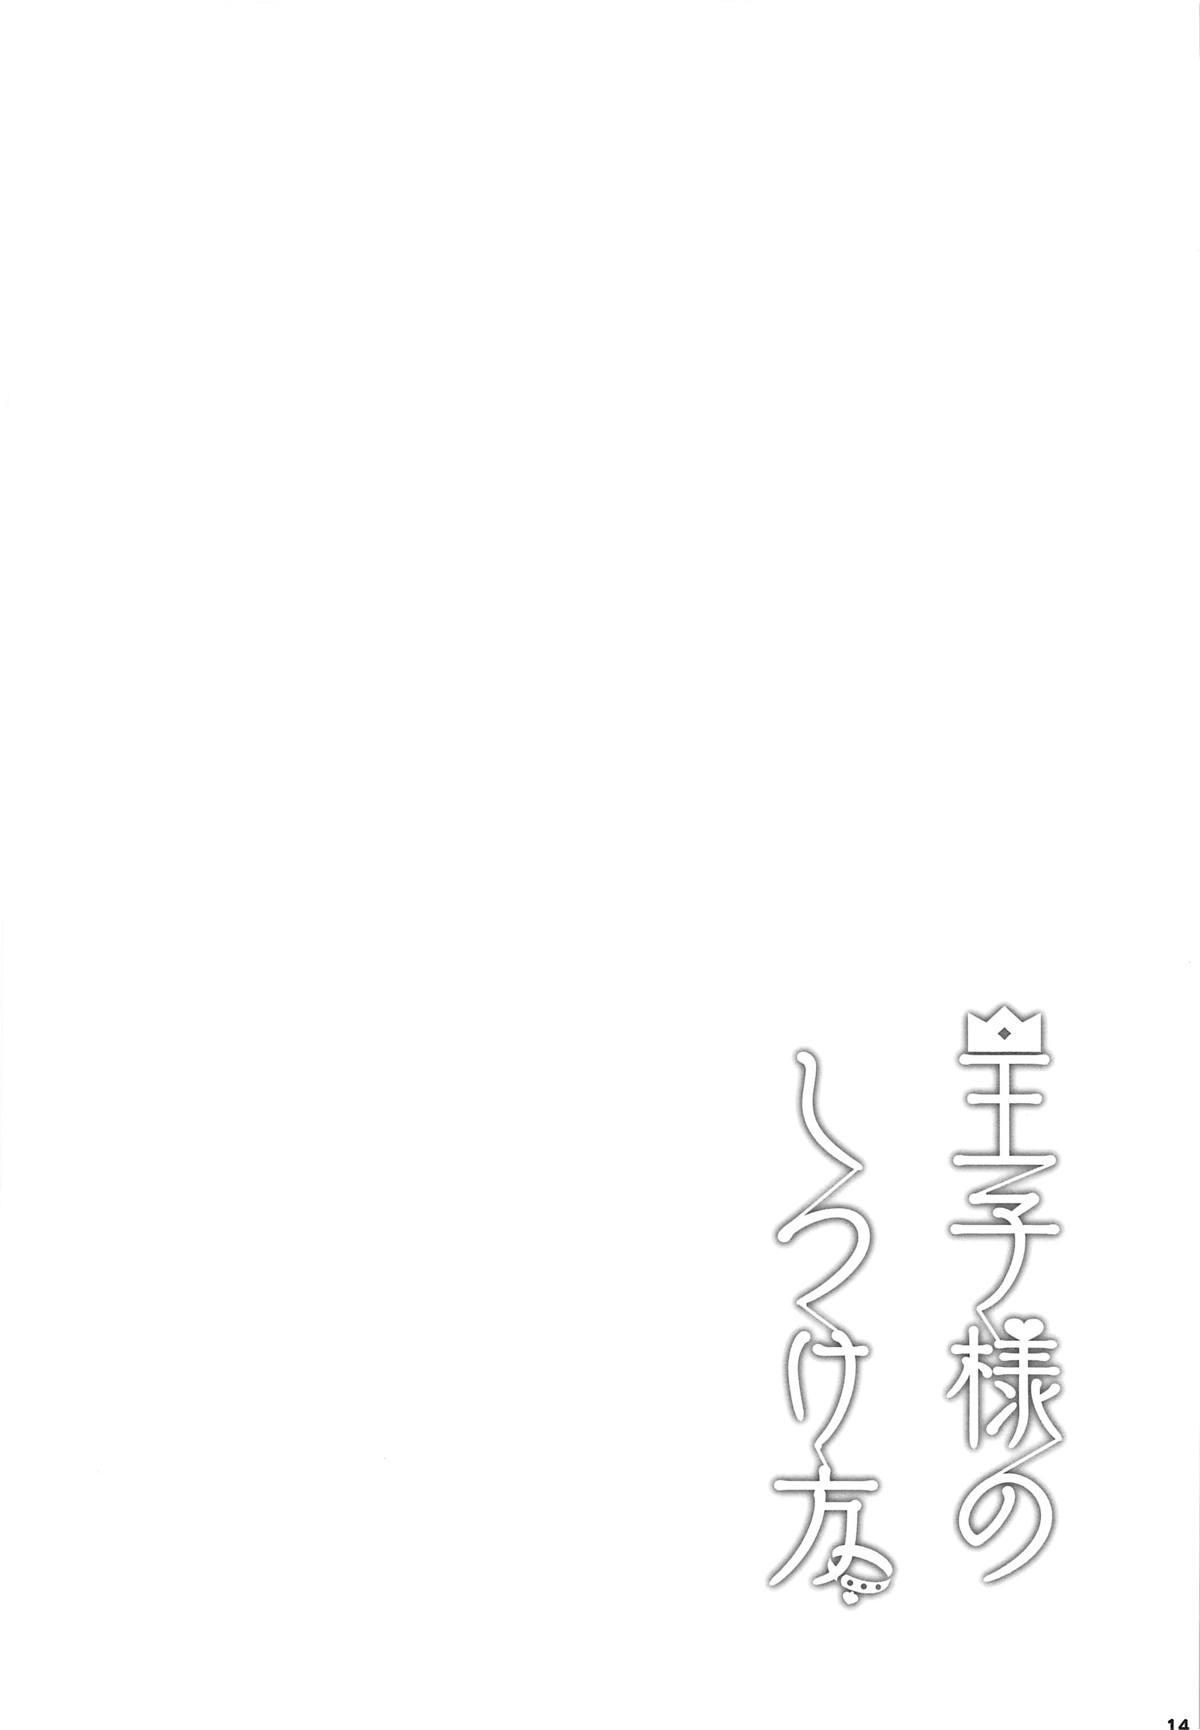 Ouji-sama no Shitsukekata 14